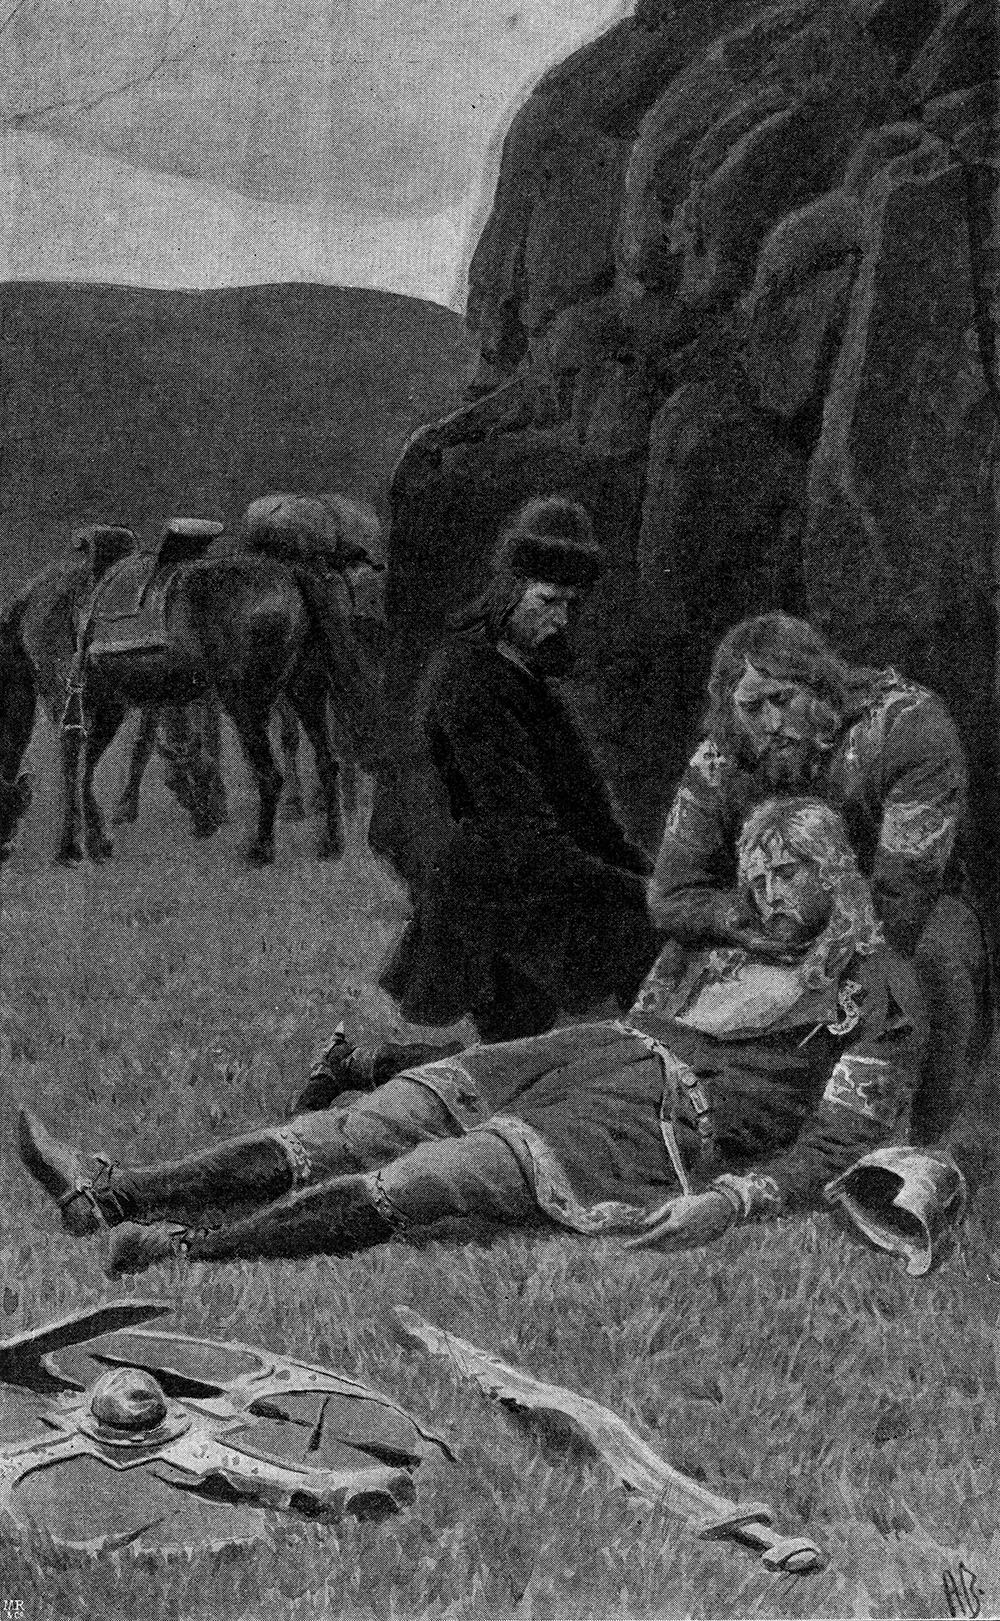 Kjartan dead in the lap of Bolli, by Andreas Bloch, 1898. From Vore fædres liv: karakterer og skildringer fra sagatiden, edited by Nordahl Rolfsen, trans. Gerhard Gran.